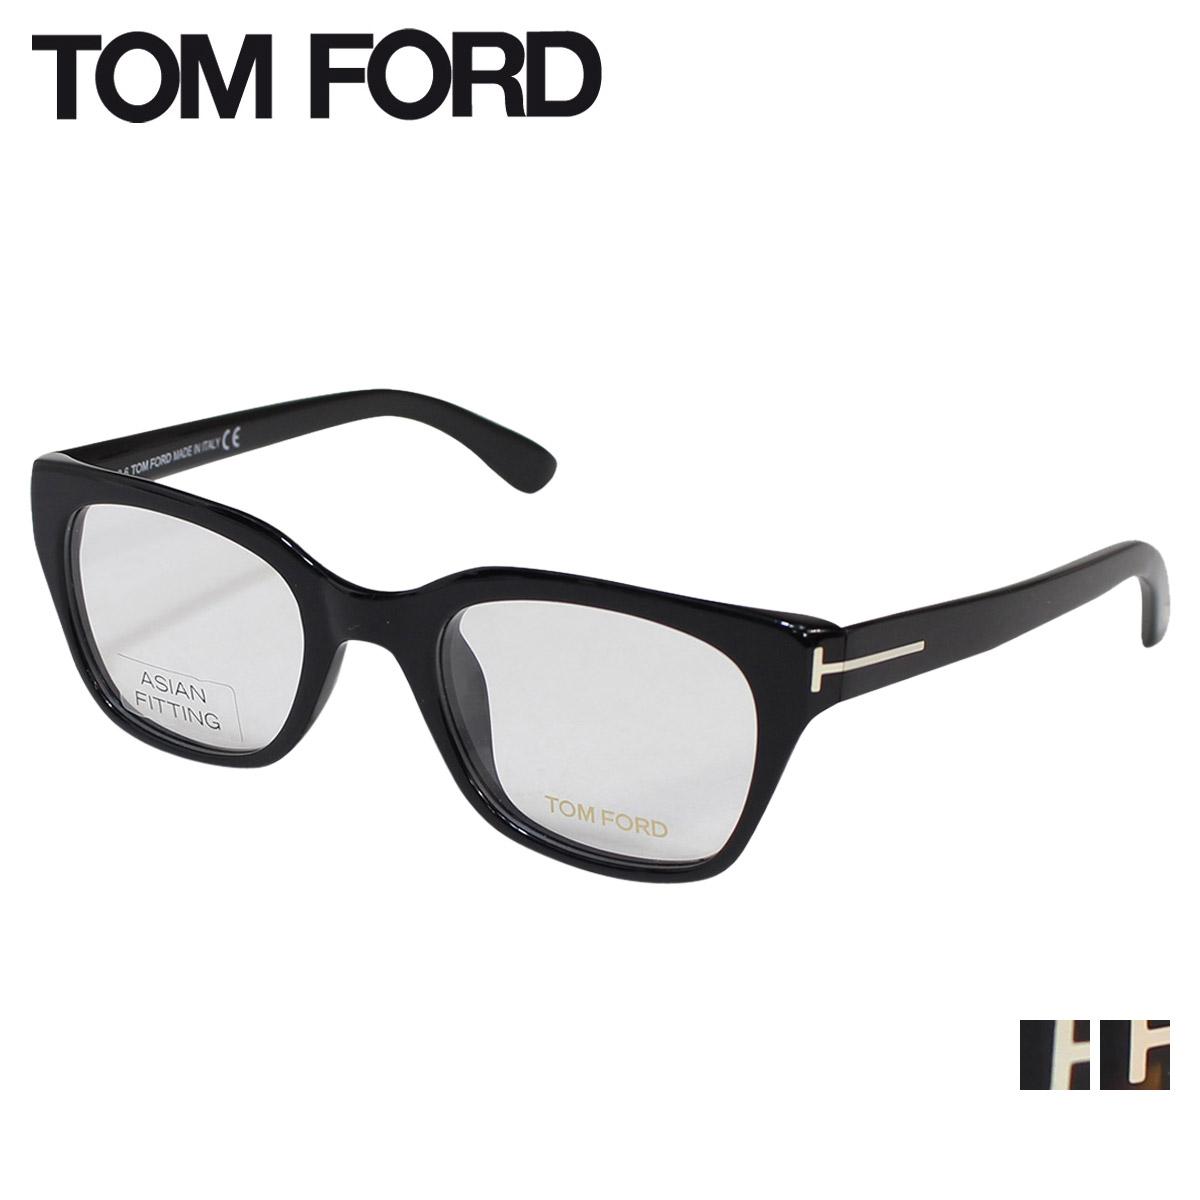 【最大2000円OFFクーポン】 トムフォード TOM FORD メガネ 眼鏡 メンズ レディース アイウェア ASIAN FITTING FT4240 イタリア製